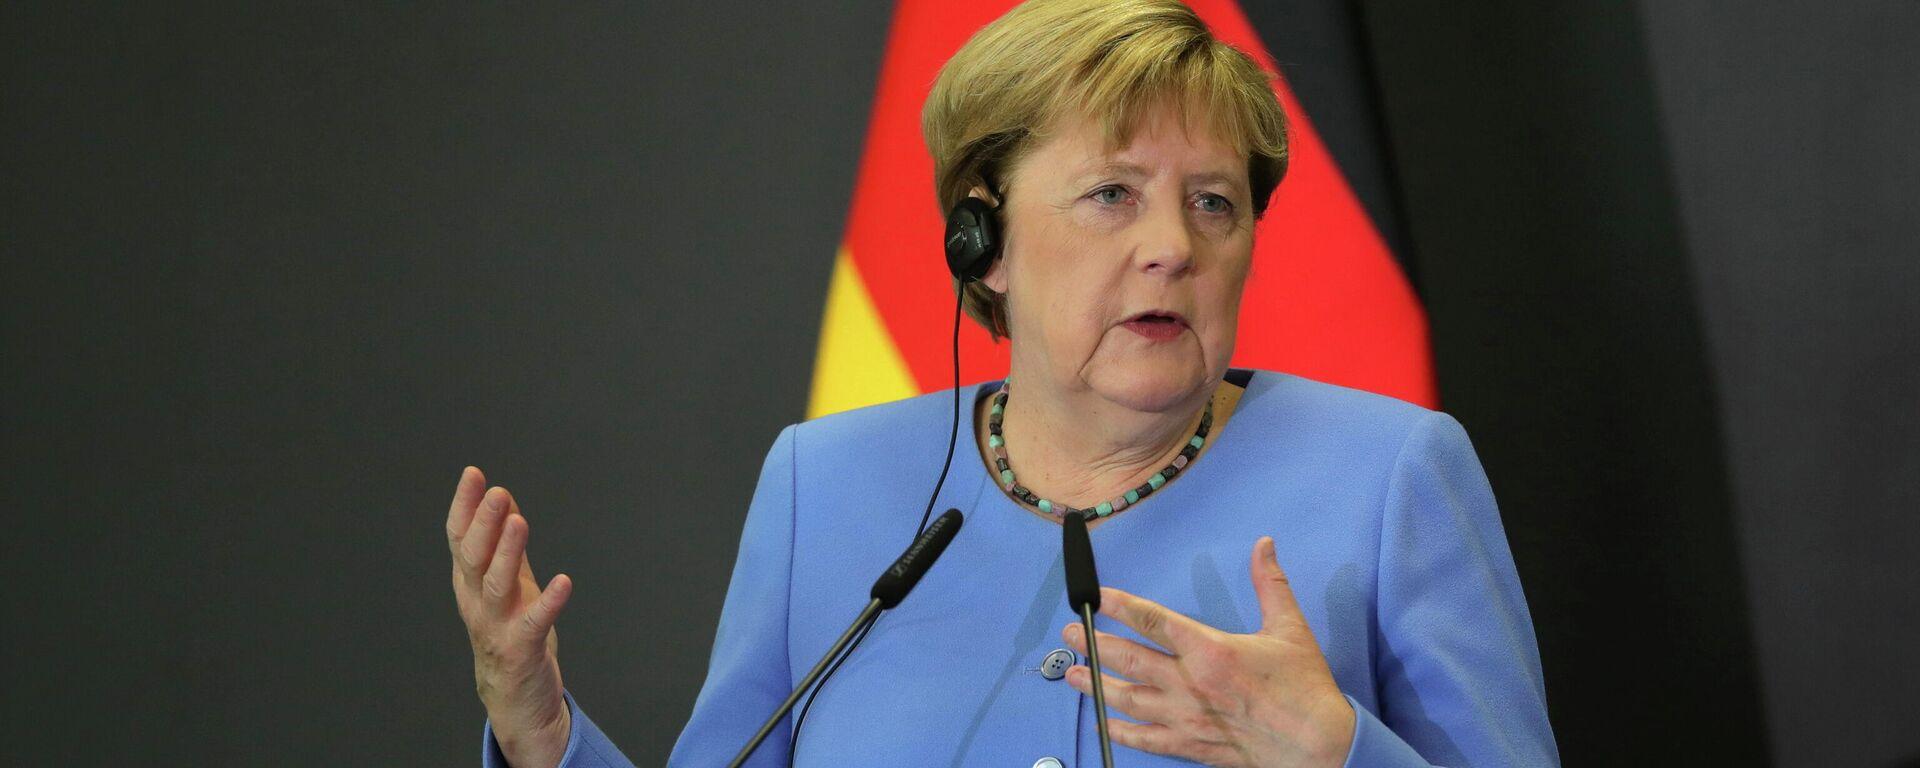 Die scheidende Bundeskanzlerin Angela Merkel bei einem Besuch in Albanien. Tirana, 14. September 2021 - SNA, 1920, 14.09.2021